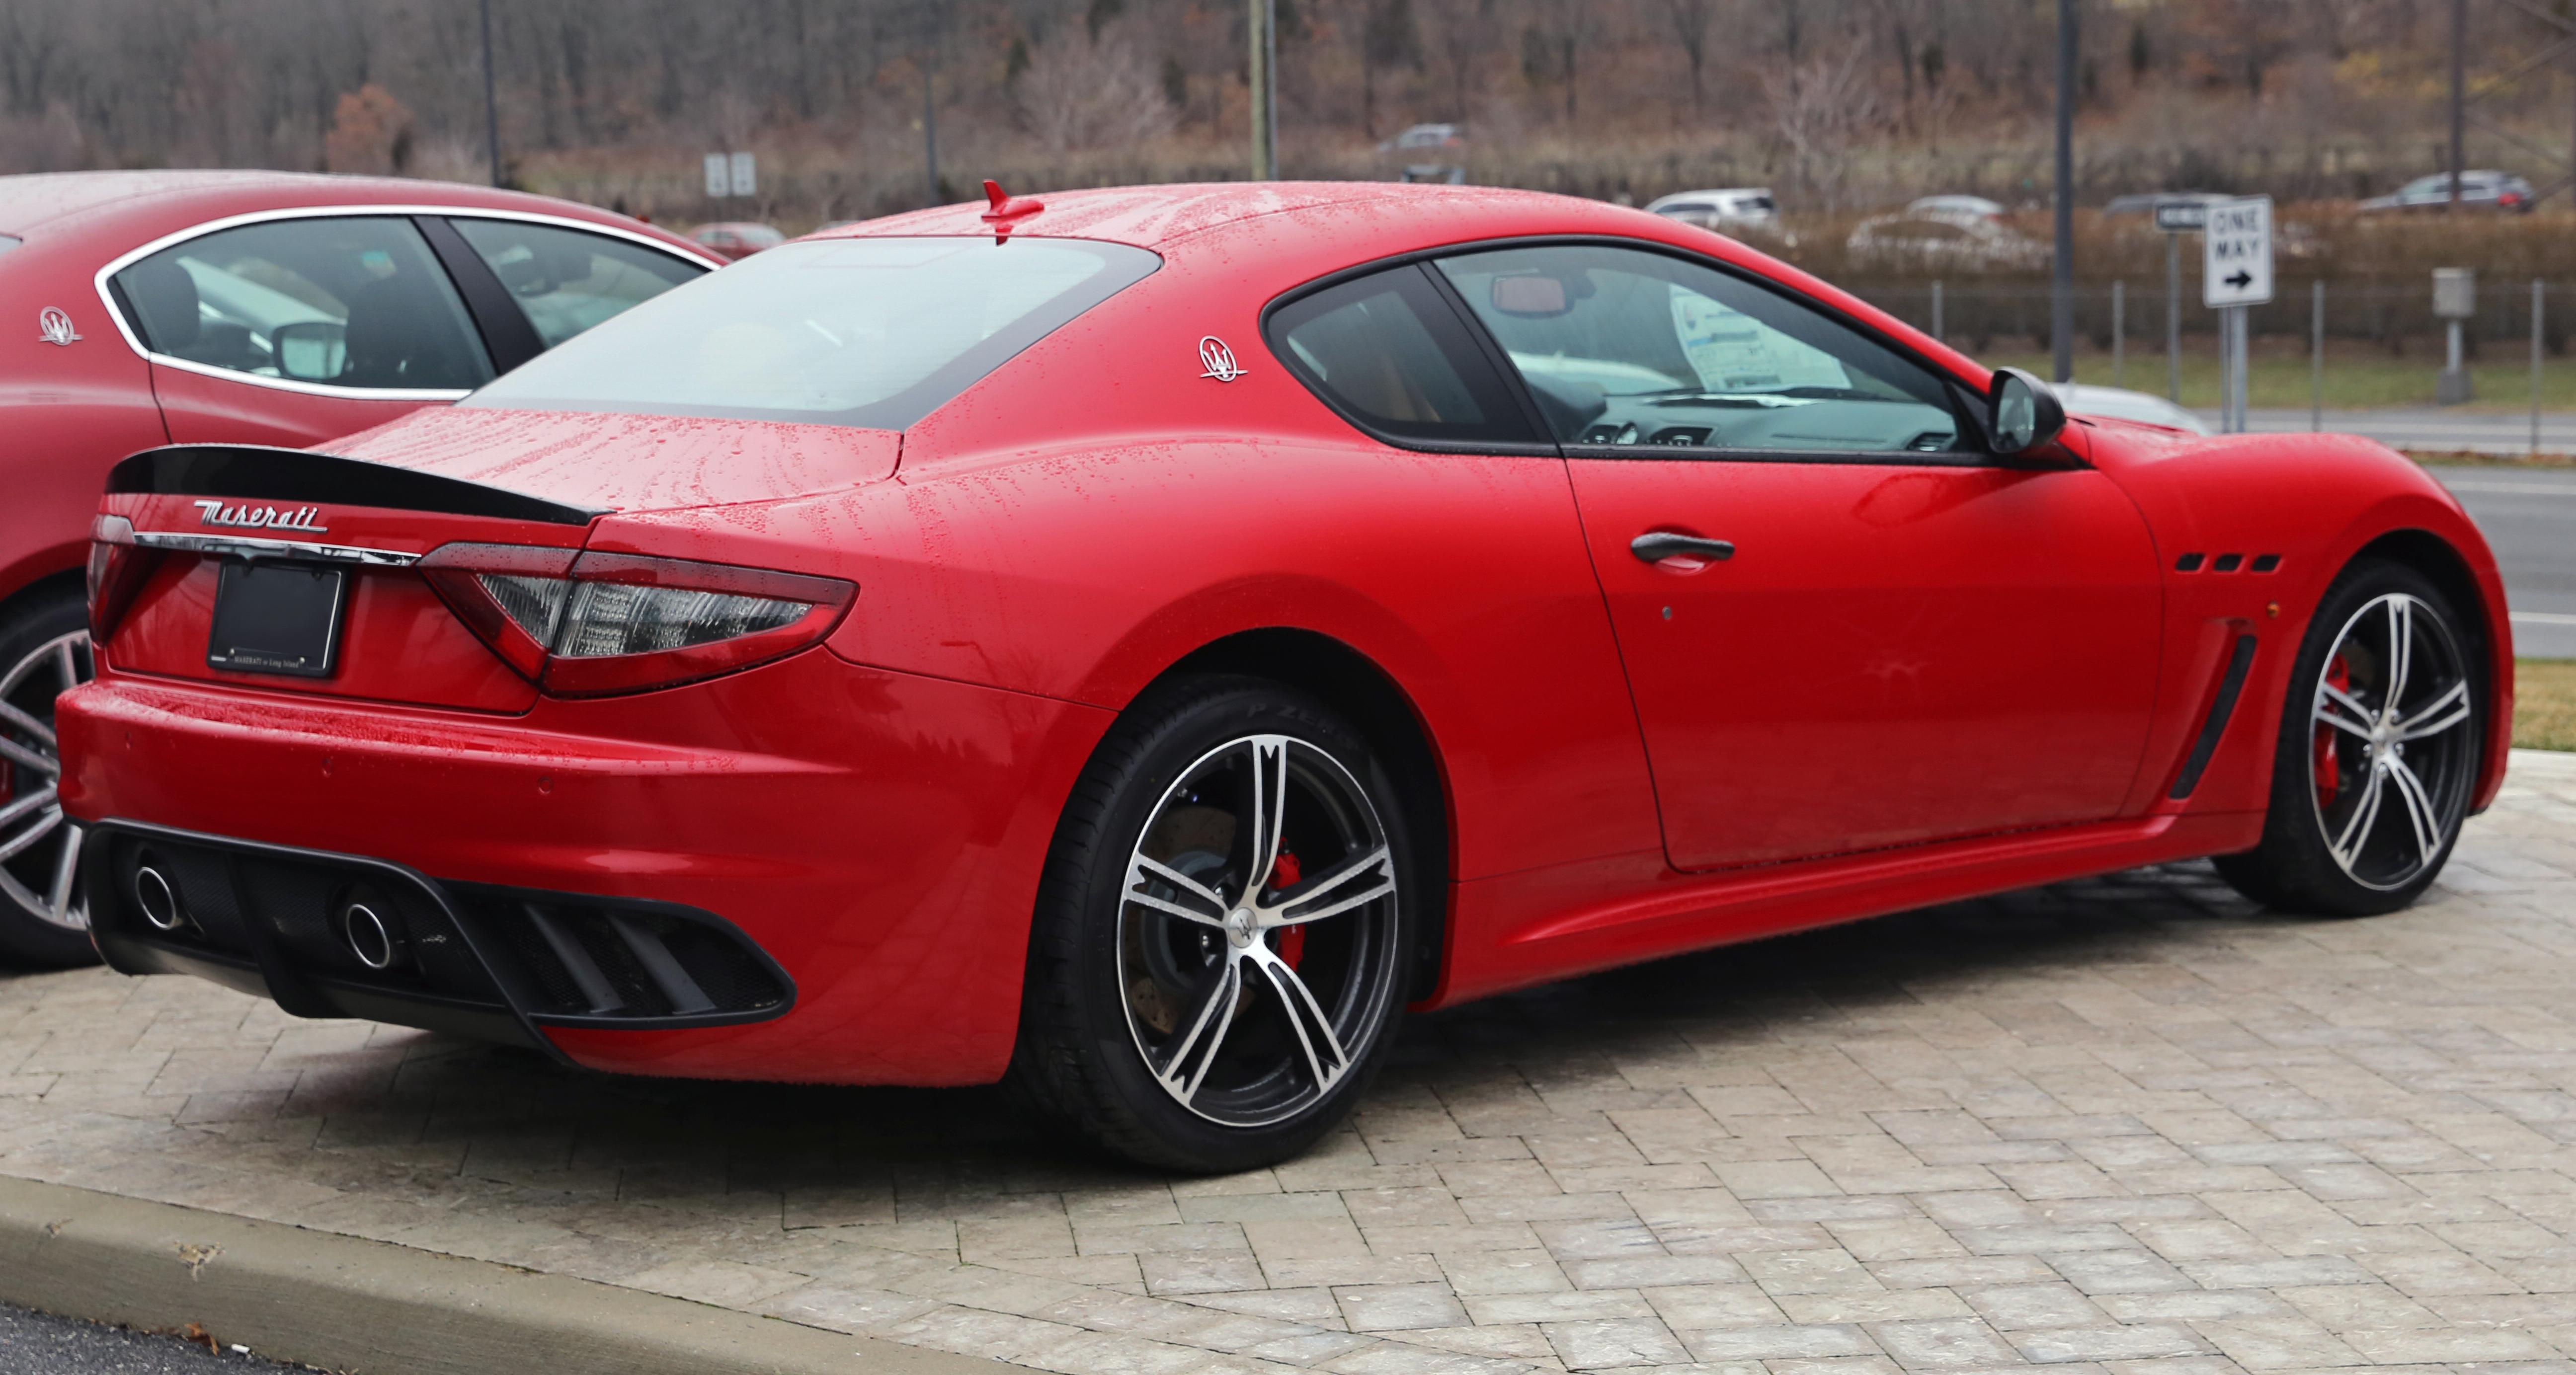 File:2015 Maserati GranTurismo MC, rear right (rosso).jpg ...